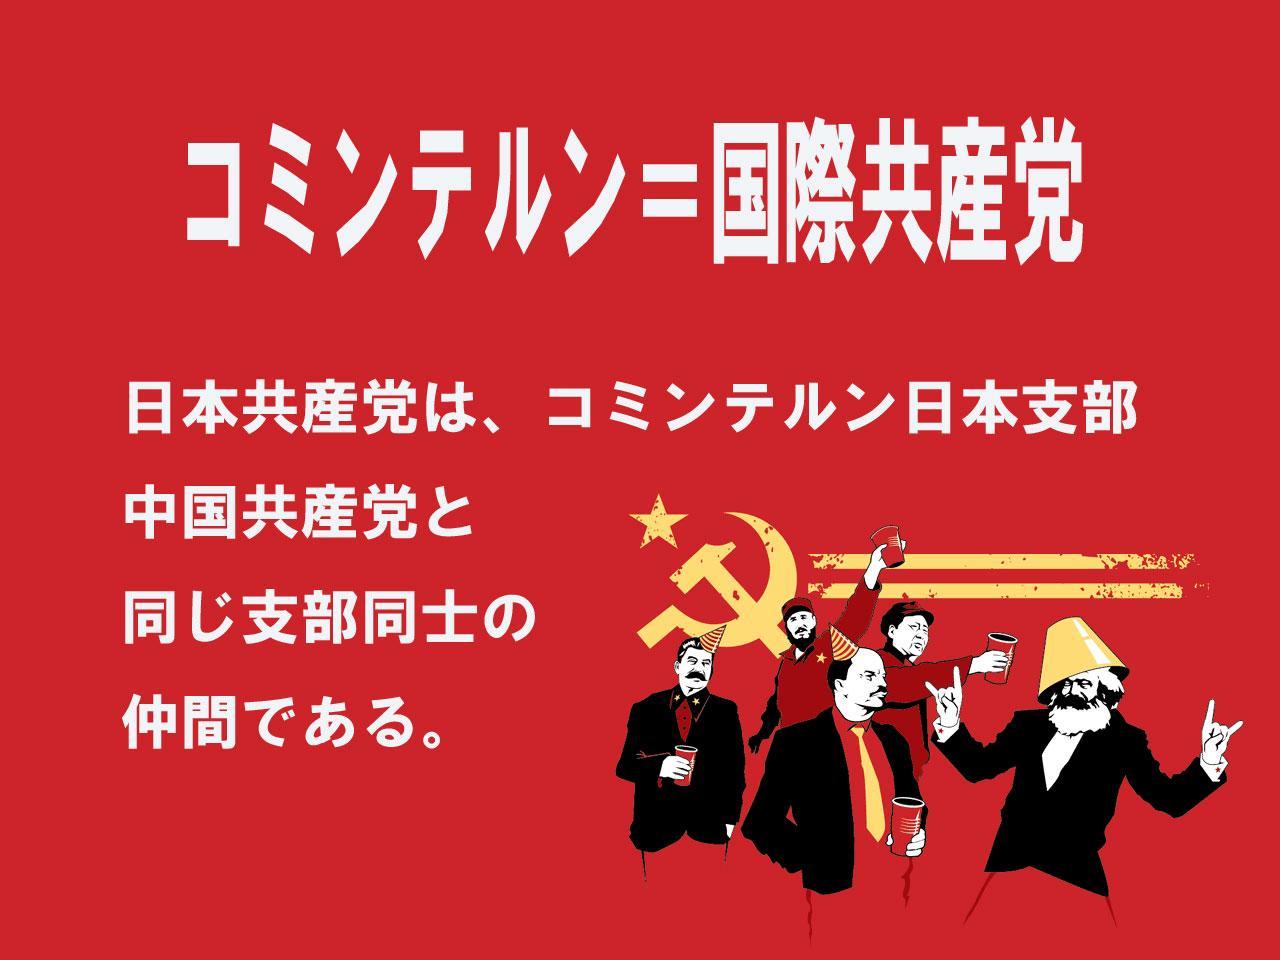 徴兵されるのは、大便民国籍の朝鮮糞食いコリアンミニチンコだけ_b0331137_12030774.jpg